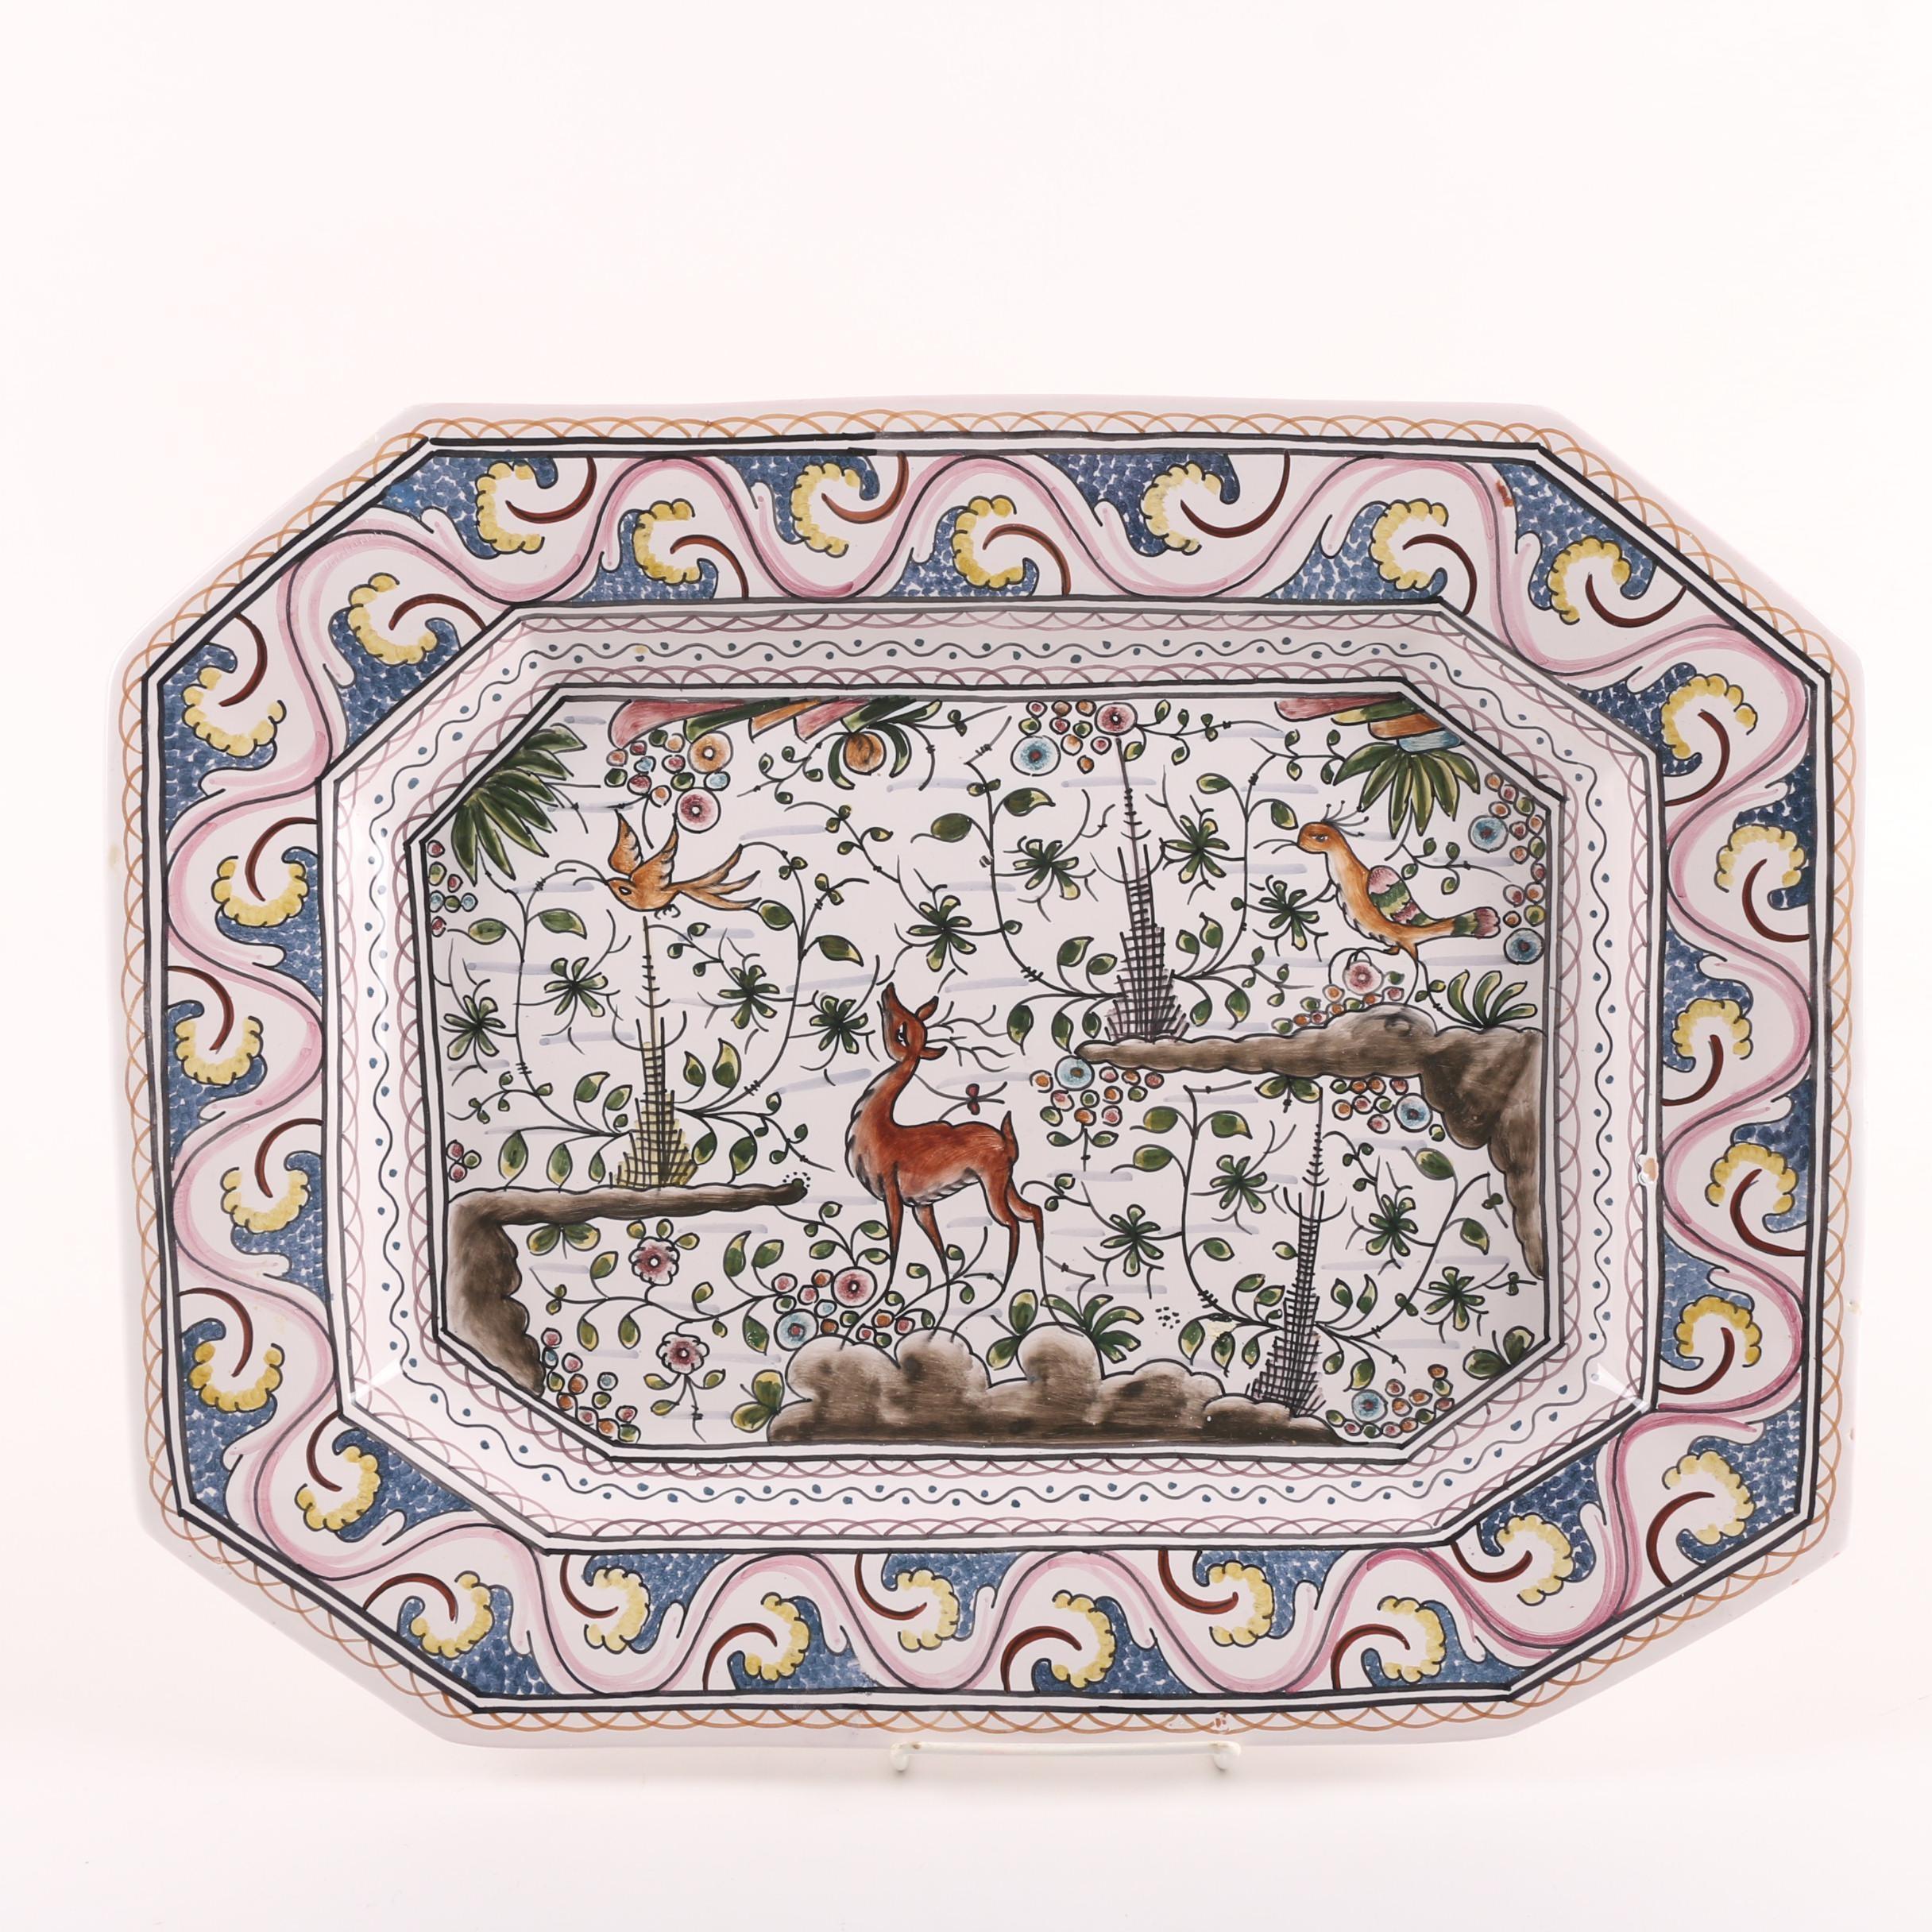 Estrela de Conimbriga Portuguese Hand-Painted Serving Platter